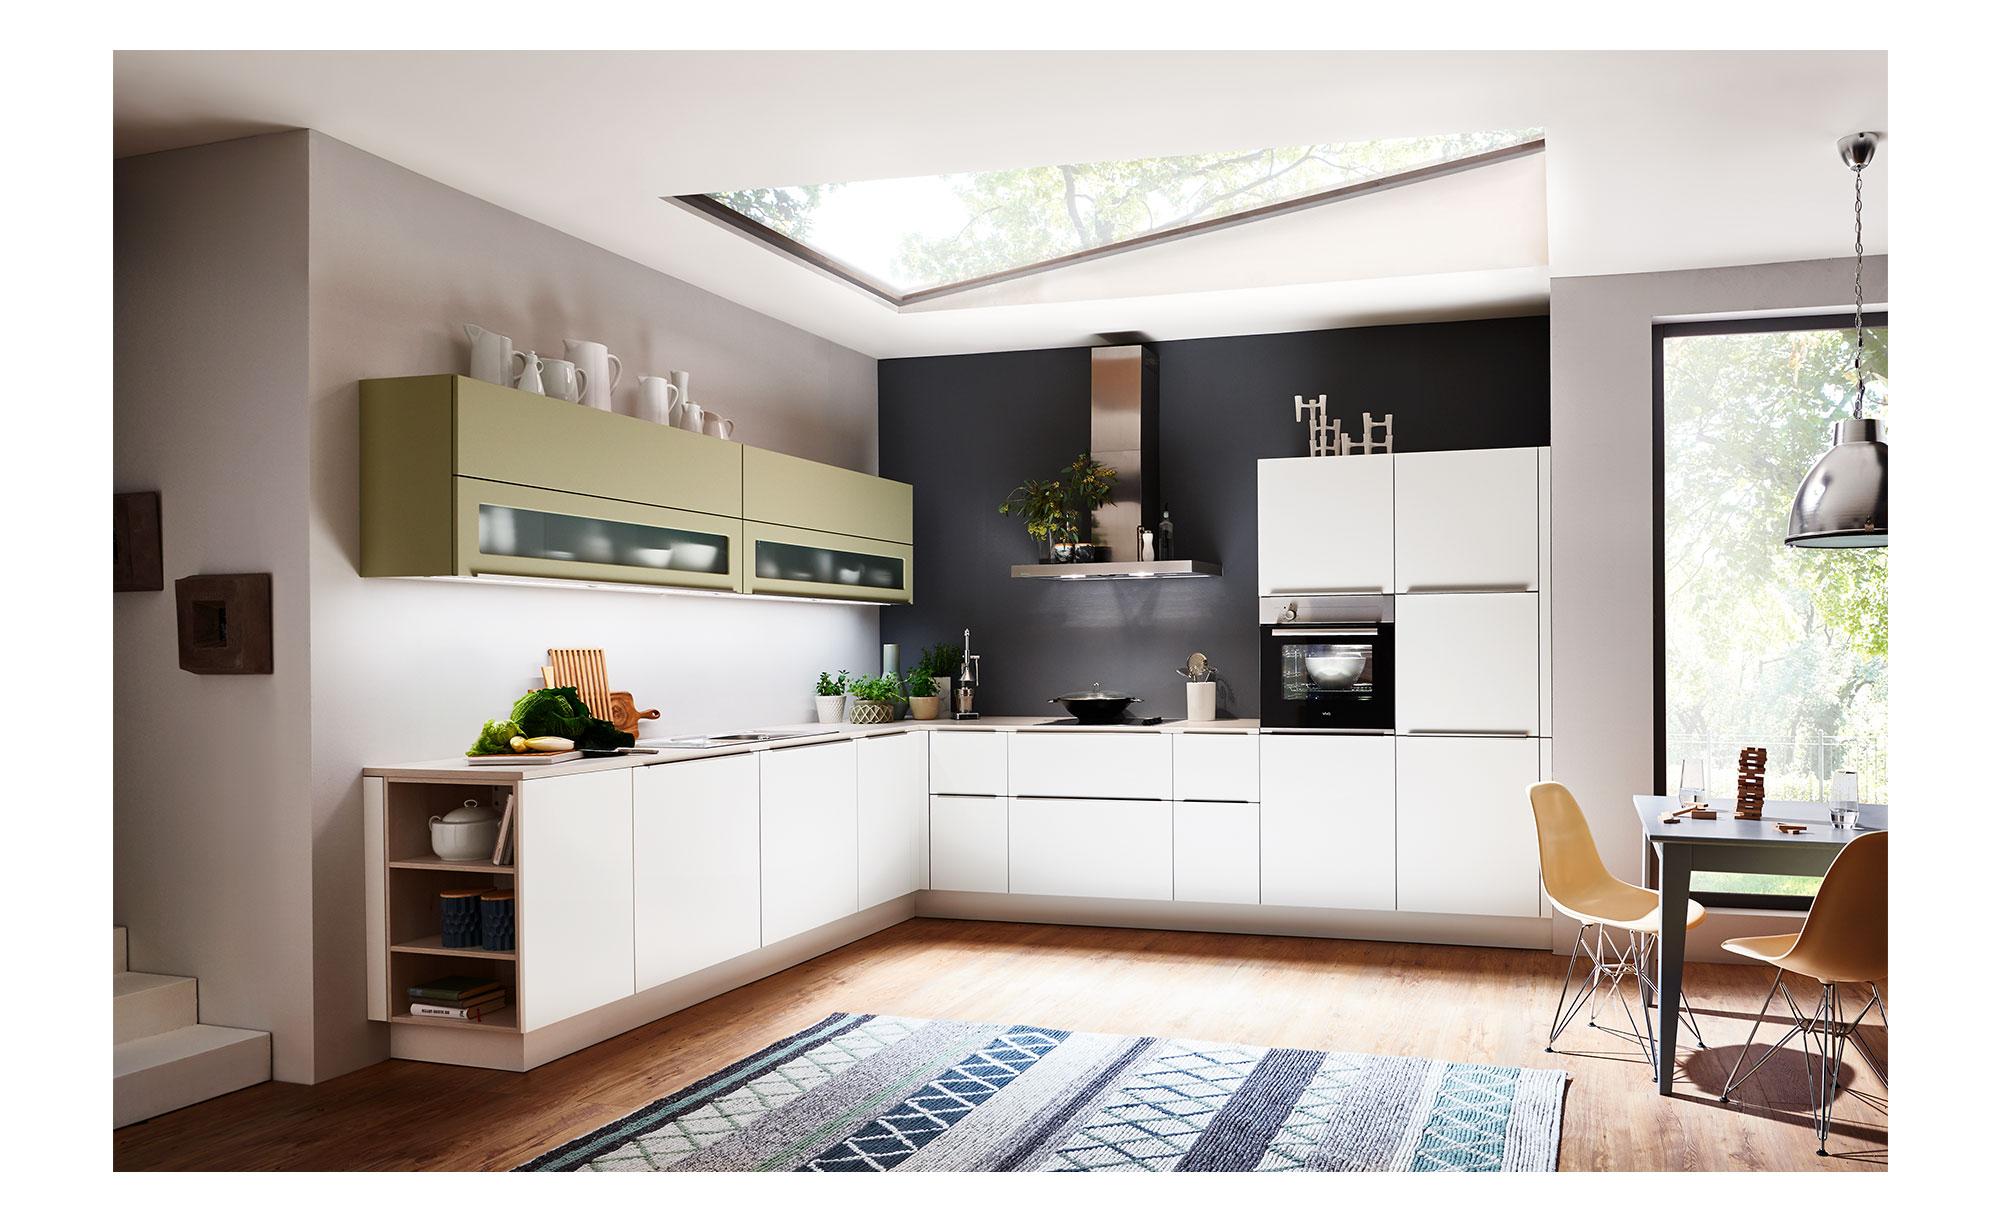 Nolte Küche Soft Lack/Soft Lack – bei Möbel Heinrich kaufen!